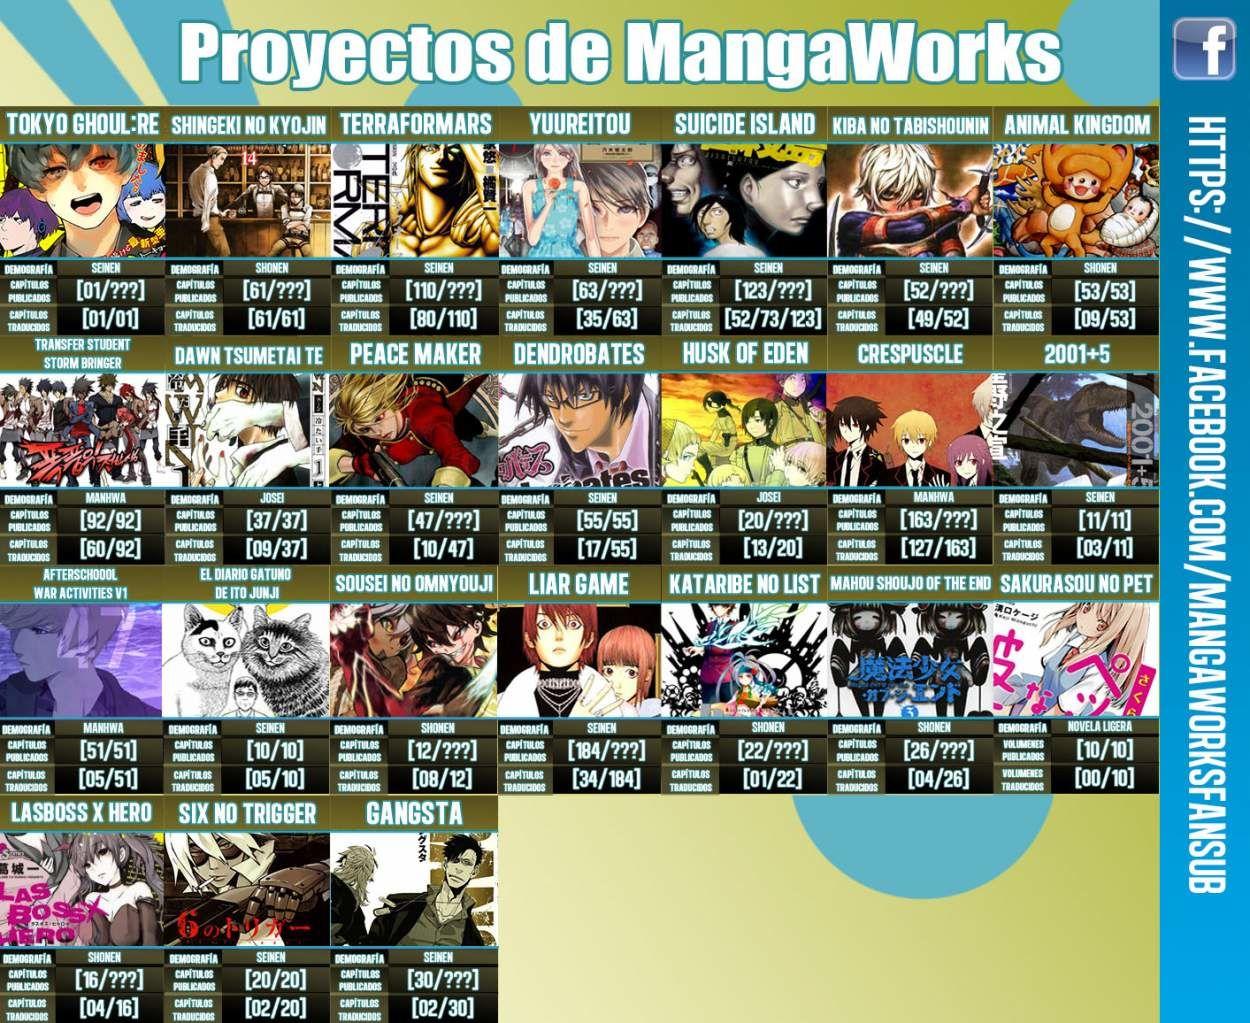 http://c5.ninemanga.com/es_manga/60/60/191916/02adbf83ef82e182414ca46fd1fe8b09.jpg Page 27